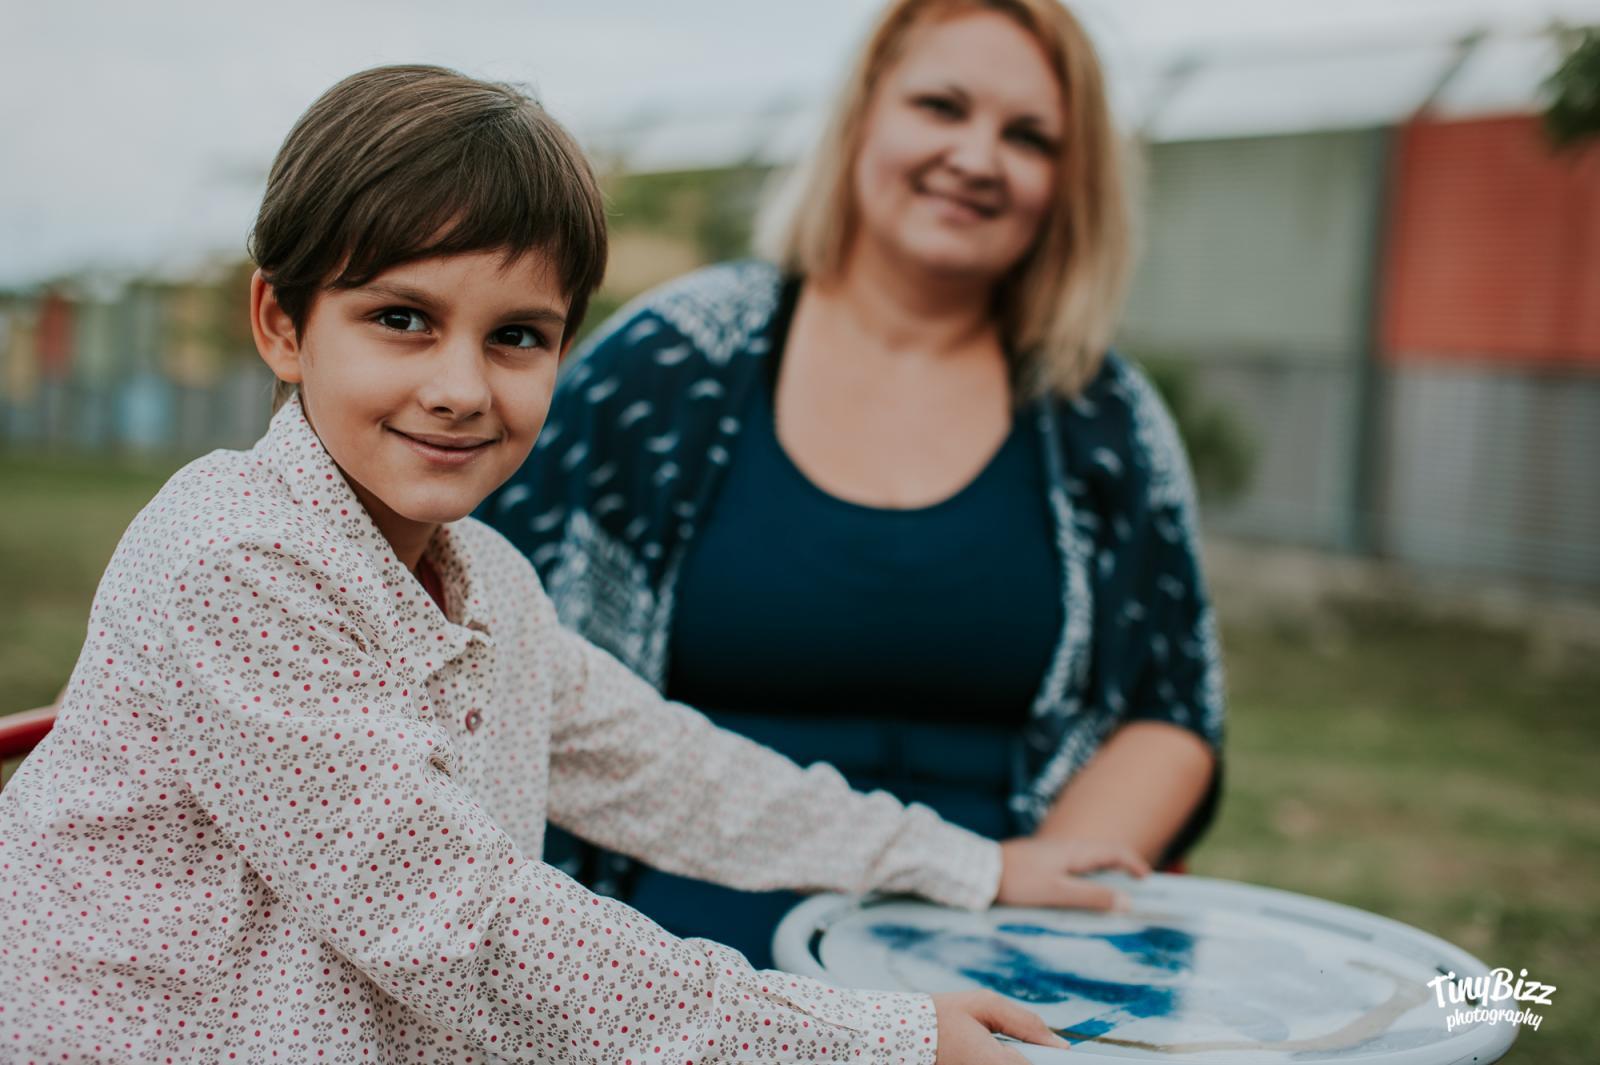 Živana i njezina djevojčica Kira zajedno su se borile da pobjede autizam, i uspjele su, Kira danas ide u redovnu školu.